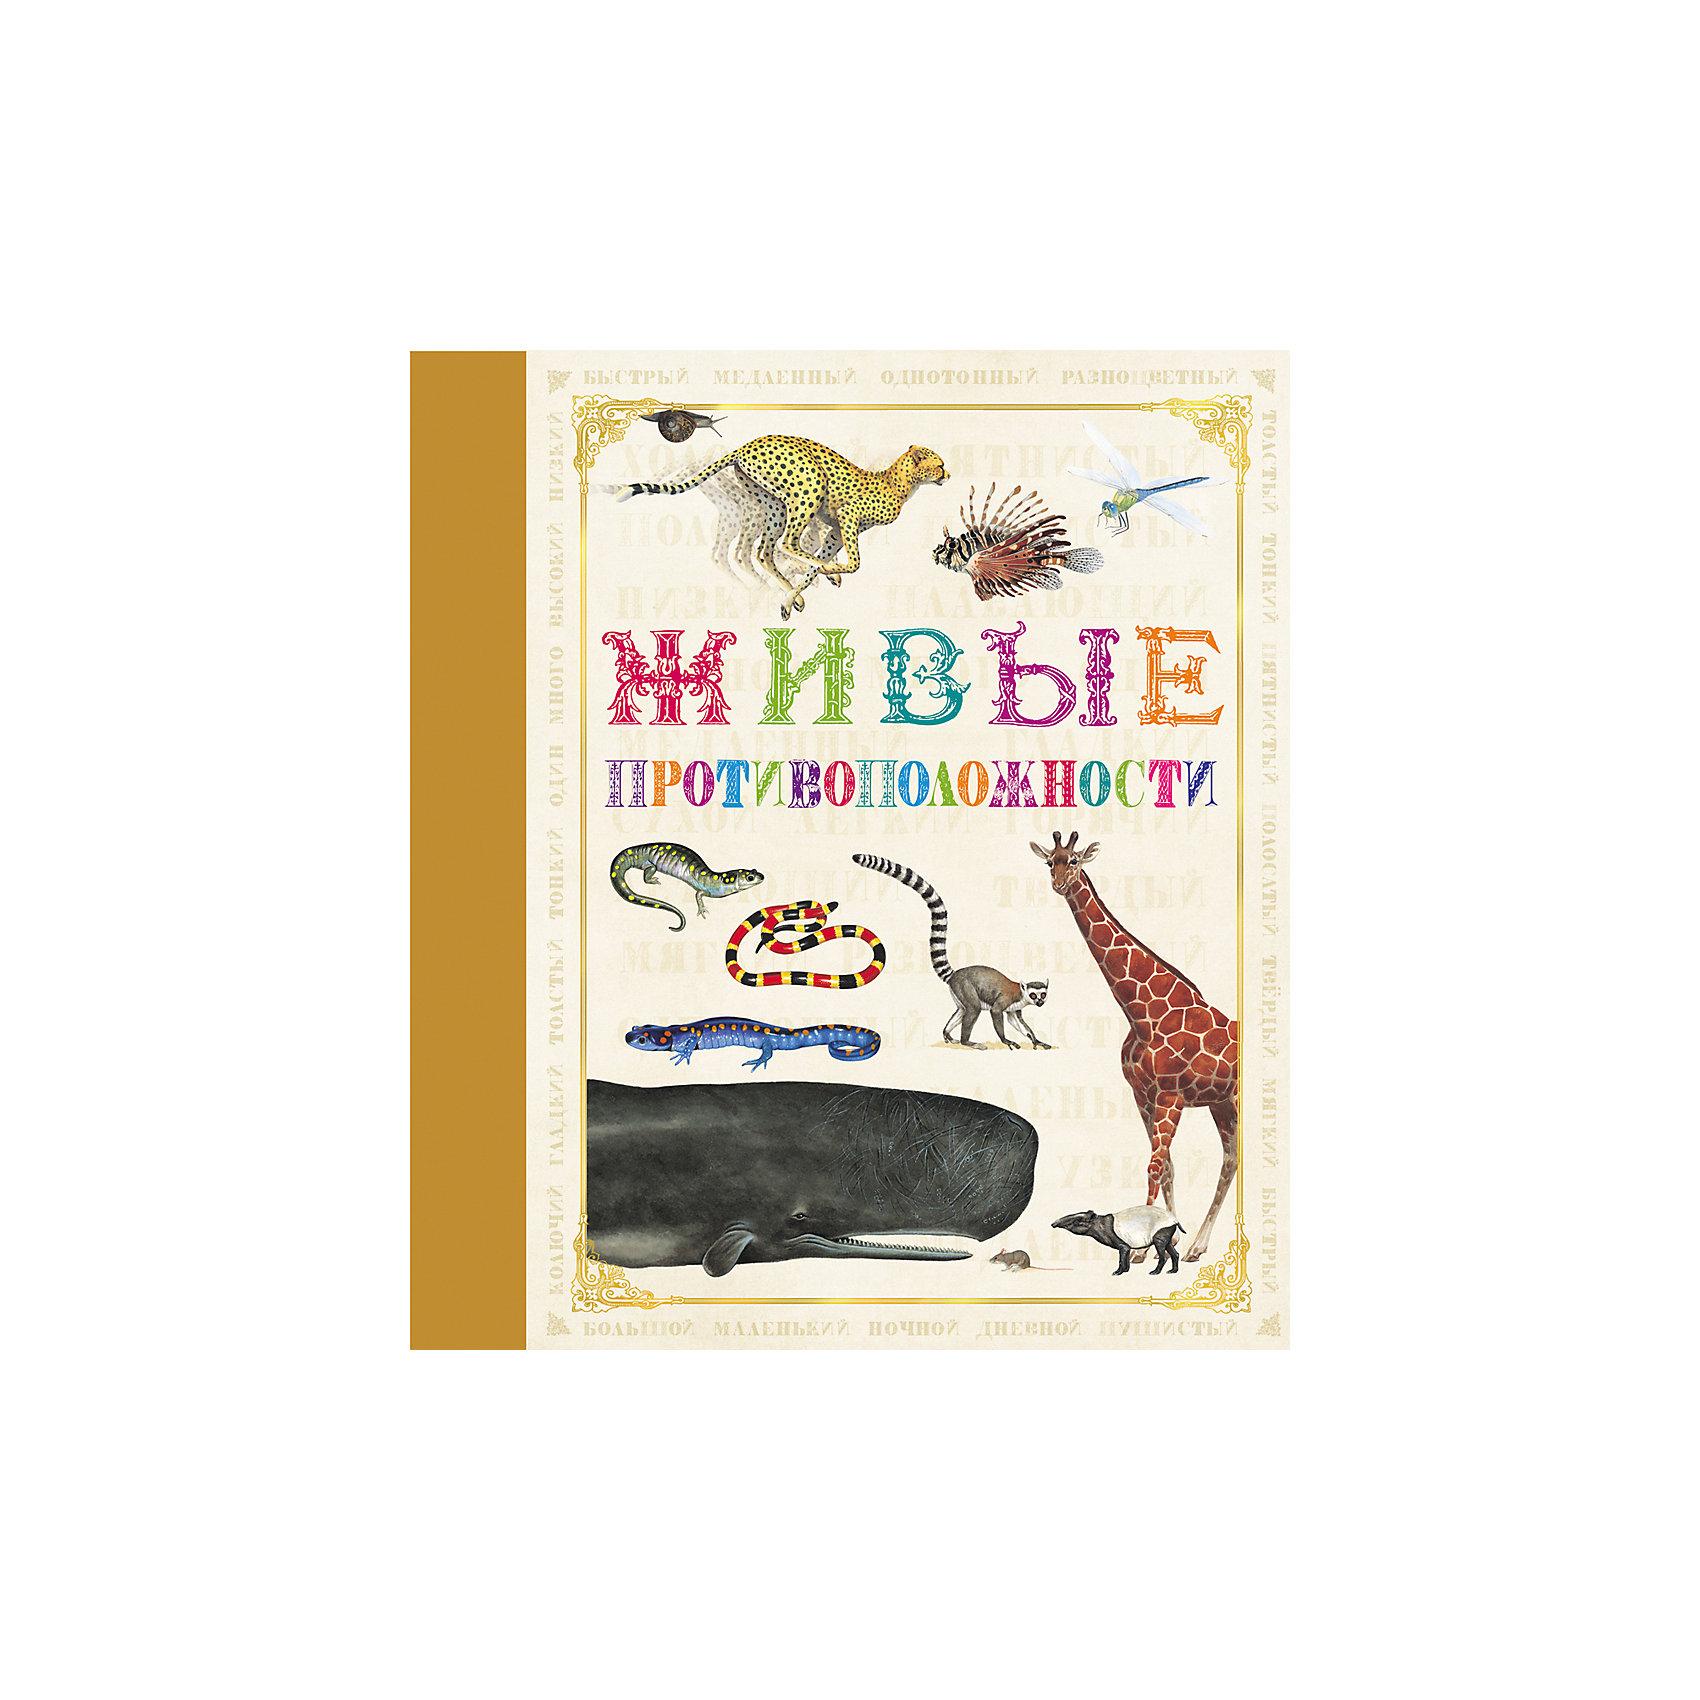 Живые противоположностиХарактеристики товара:<br><br>- цвет: разноцветный;<br>- материал: бумага;<br>- страниц: 32;<br>- формат: 24 х 21 см;<br>- обложка: твердая;<br>- цветные иллюстрации.<br><br>Эта интересная книга с иллюстрациями станет отличным подарком для ребенка. Она содержит в себе яркие картинки, которые помогут малышам познакомиться со многими животными, а также пояснения к ним. Плюс - малыш сможет легко освоить понятие противоположностей. В книге - море полезной информации для ребенка!<br>Чтение и рассматривание картинок помогает ребенку развивать зрительную память, концентрацию внимания и воображение. Издание произведено из качественных материалов, которые безопасны даже для самых маленьких.<br><br>Издание Живые противоположности  от компании Росмэн можно купить в нашем интернет-магазине.<br><br>Ширина мм: 245<br>Глубина мм: 215<br>Высота мм: 7<br>Вес г: 265<br>Возраст от месяцев: 60<br>Возраст до месяцев: 84<br>Пол: Унисекс<br>Возраст: Детский<br>SKU: 5110168